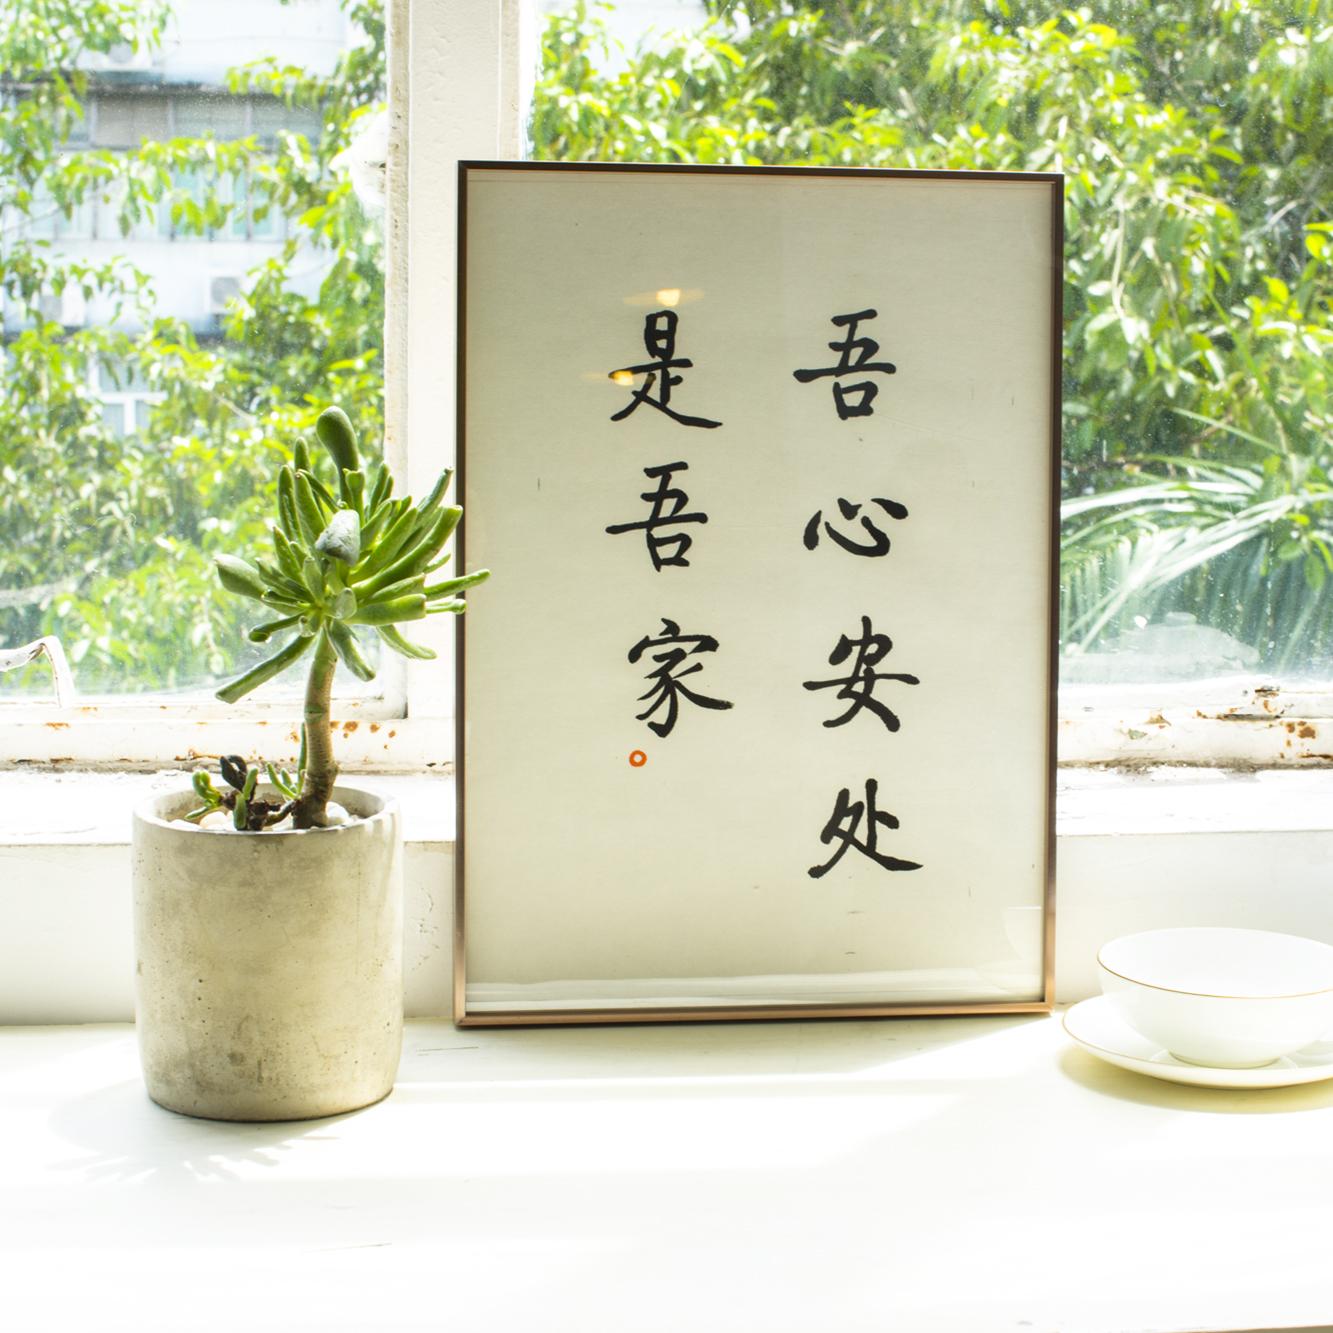 手写中式书法吾心安处是吾家日式客厅装饰画卧室餐厅挂画玄关壁画